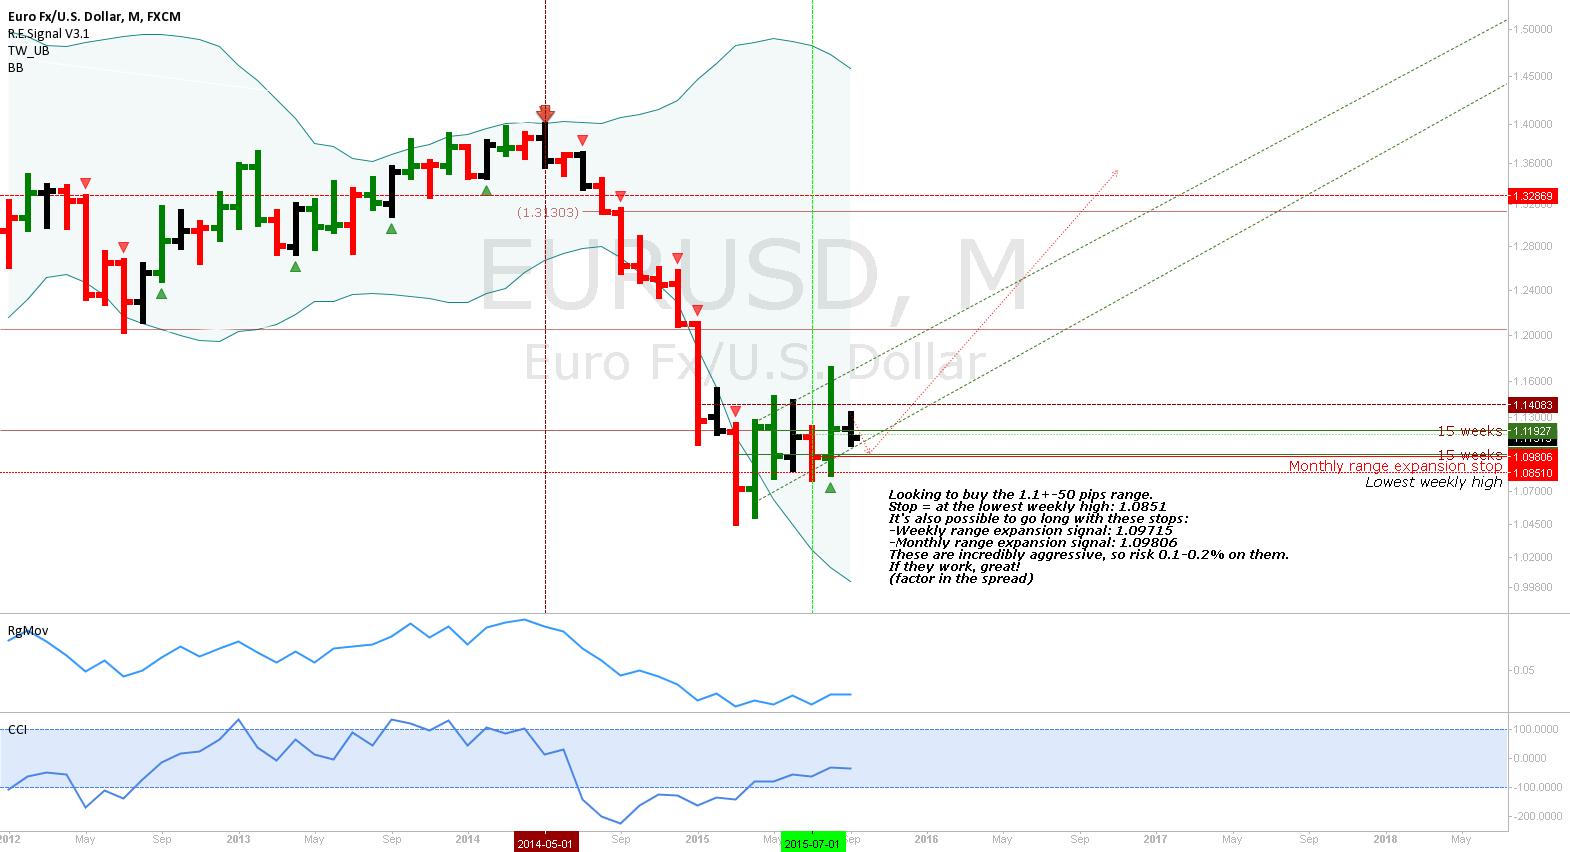 EURUSD: Monthly uptrend buy